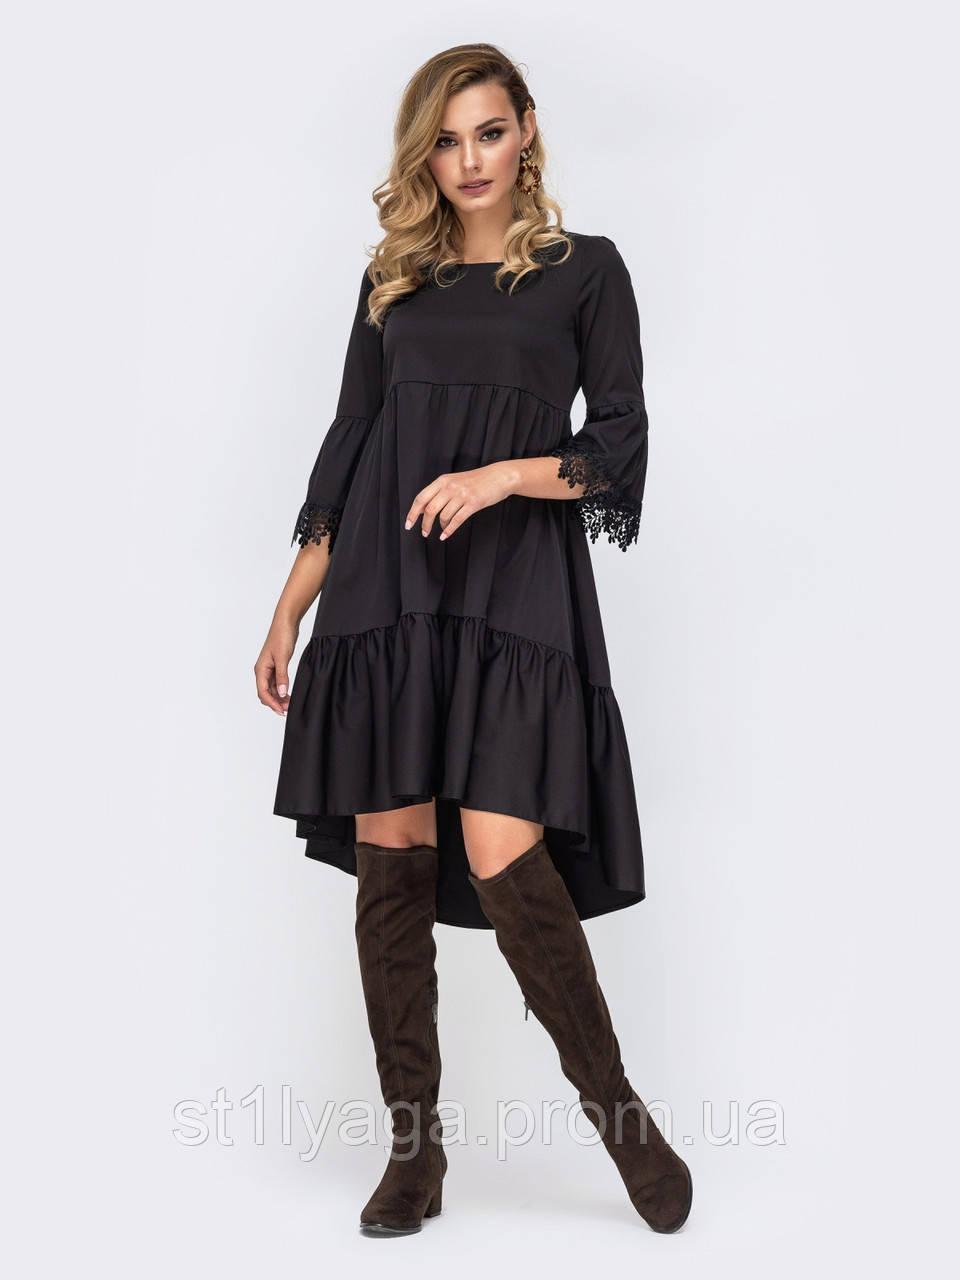 Платье из костюмной ткани с ажурным кружевом на рукавах и кокетке